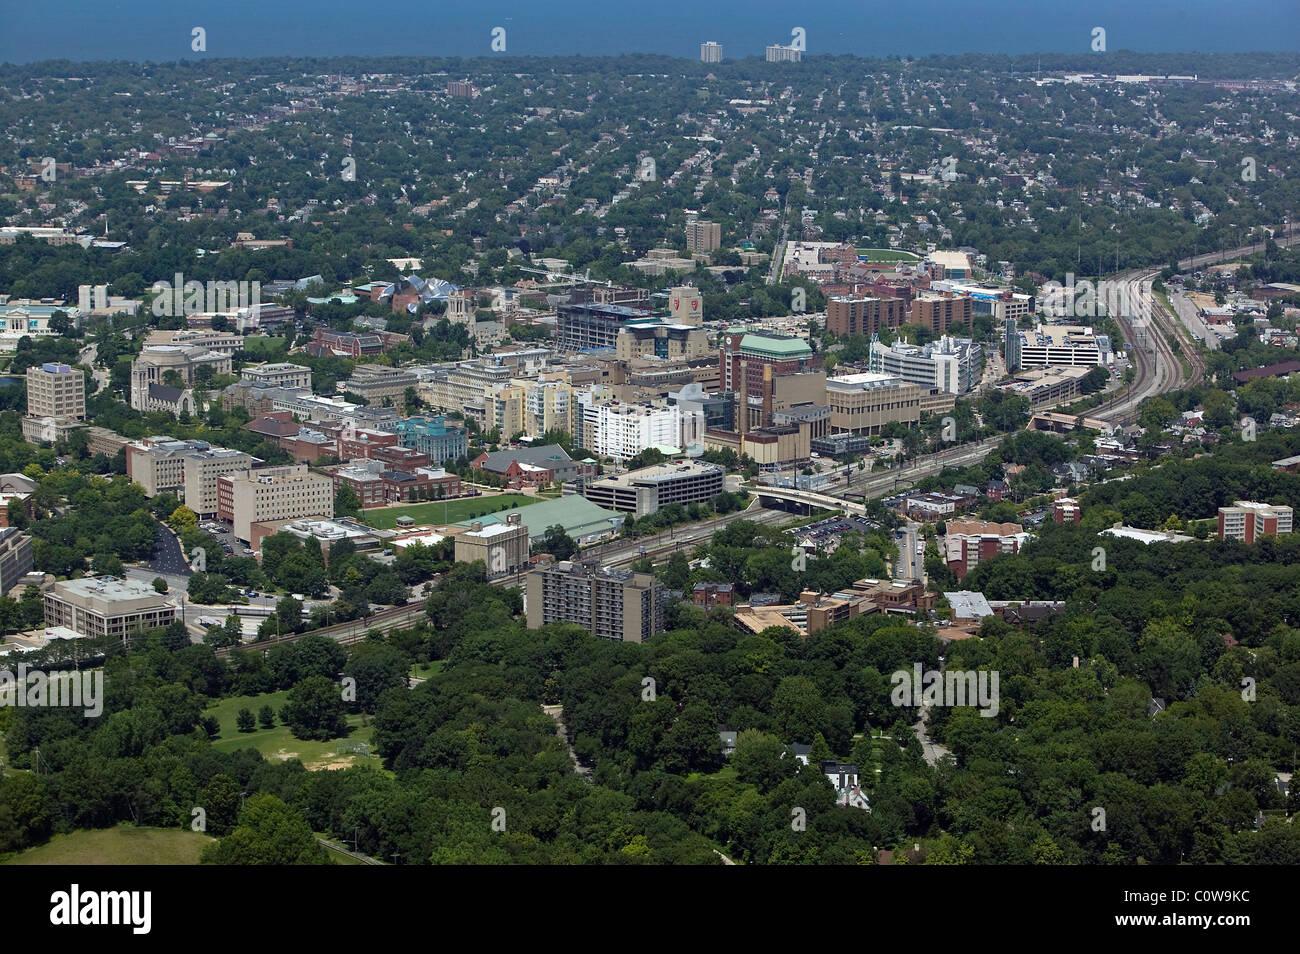 Vue aérienne au-dessus du campus médical clinique de Cleveland en Ohio Photo Stock